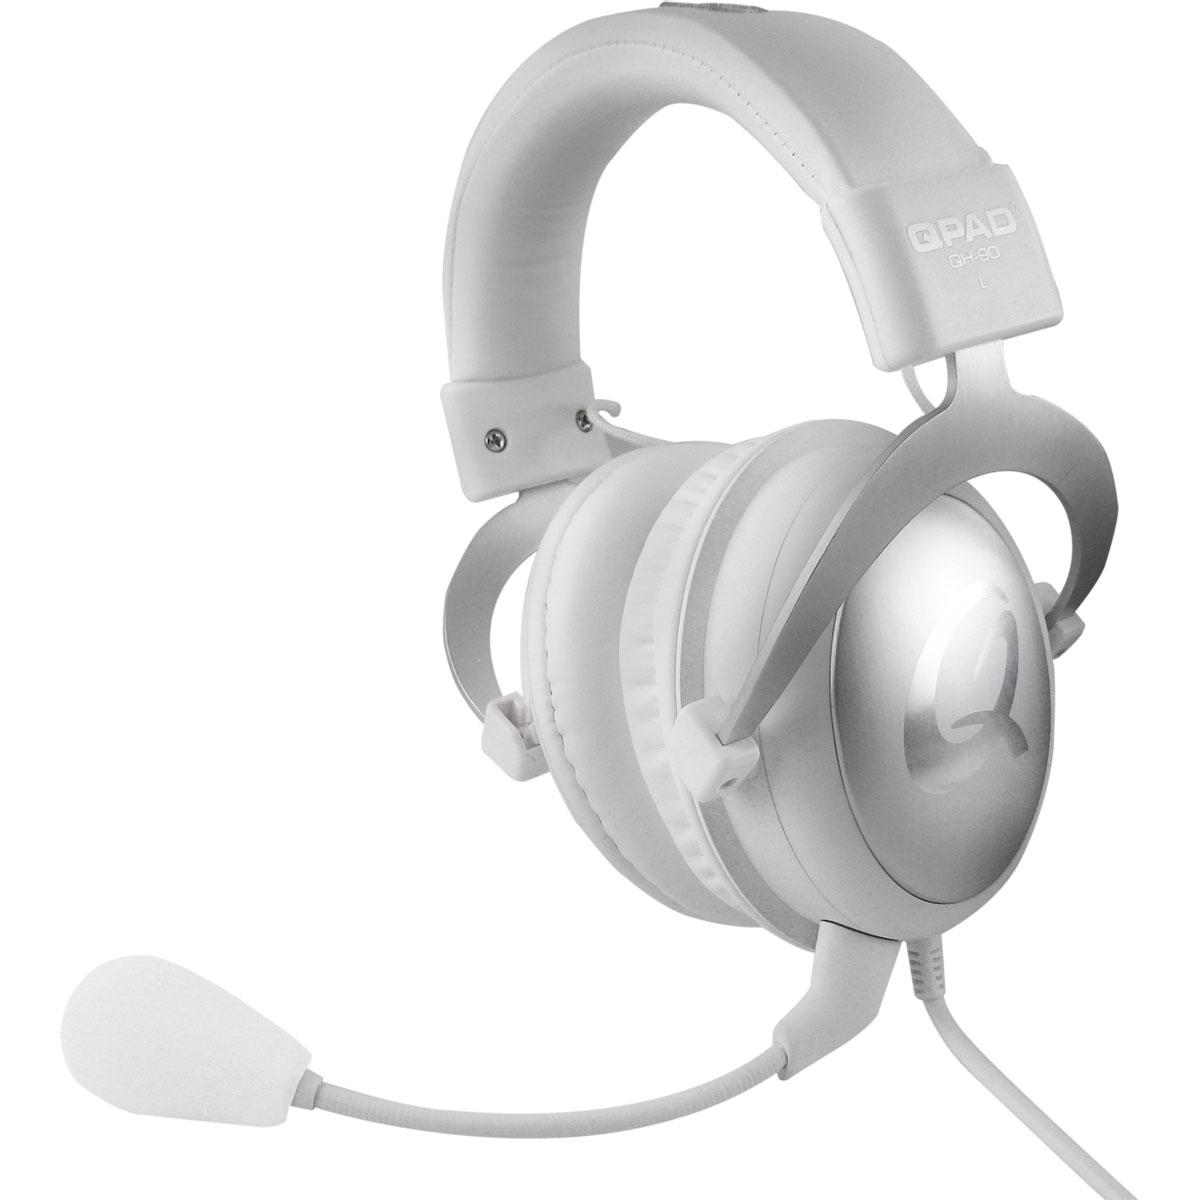 Micro-casque gamer QPAD QH-90 (blanc) Casque-micro circum-auriculaire fermé pour gamer